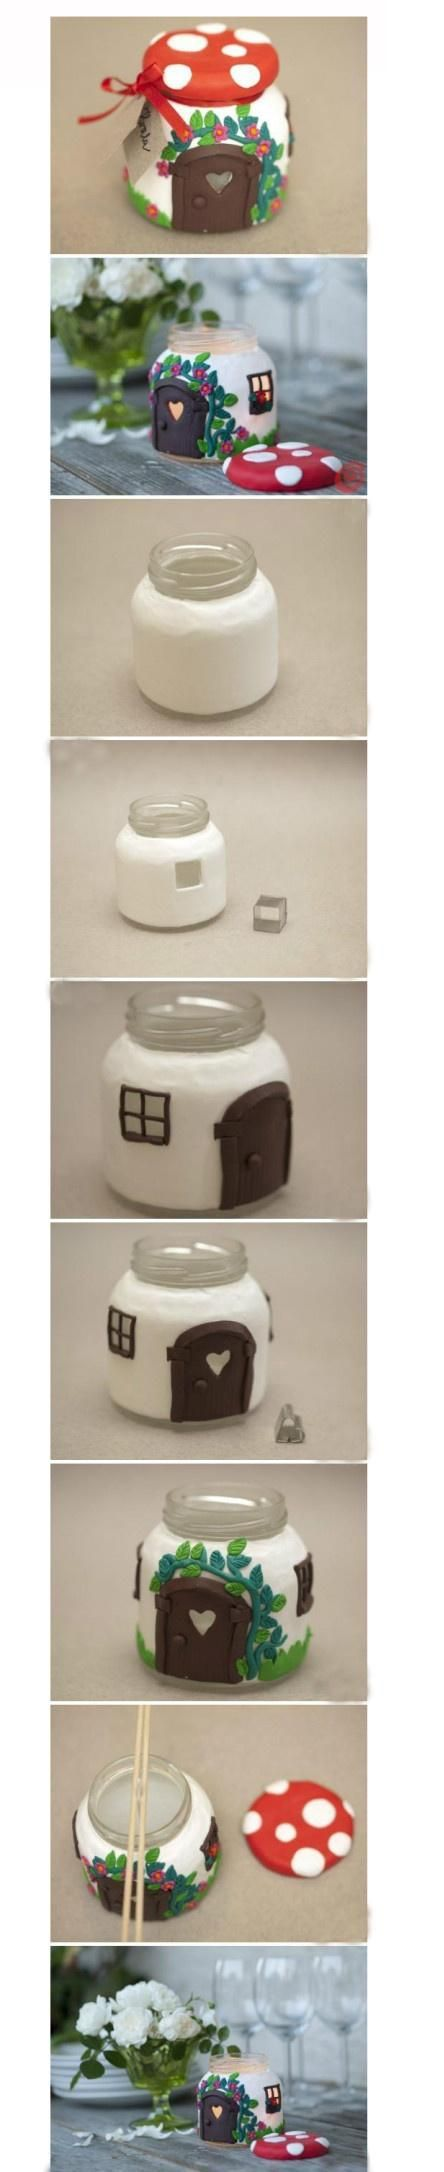 废旧的玻璃瓶可以这样设计哦。diy - mushroom house from a jar! Cute for a candle holder.